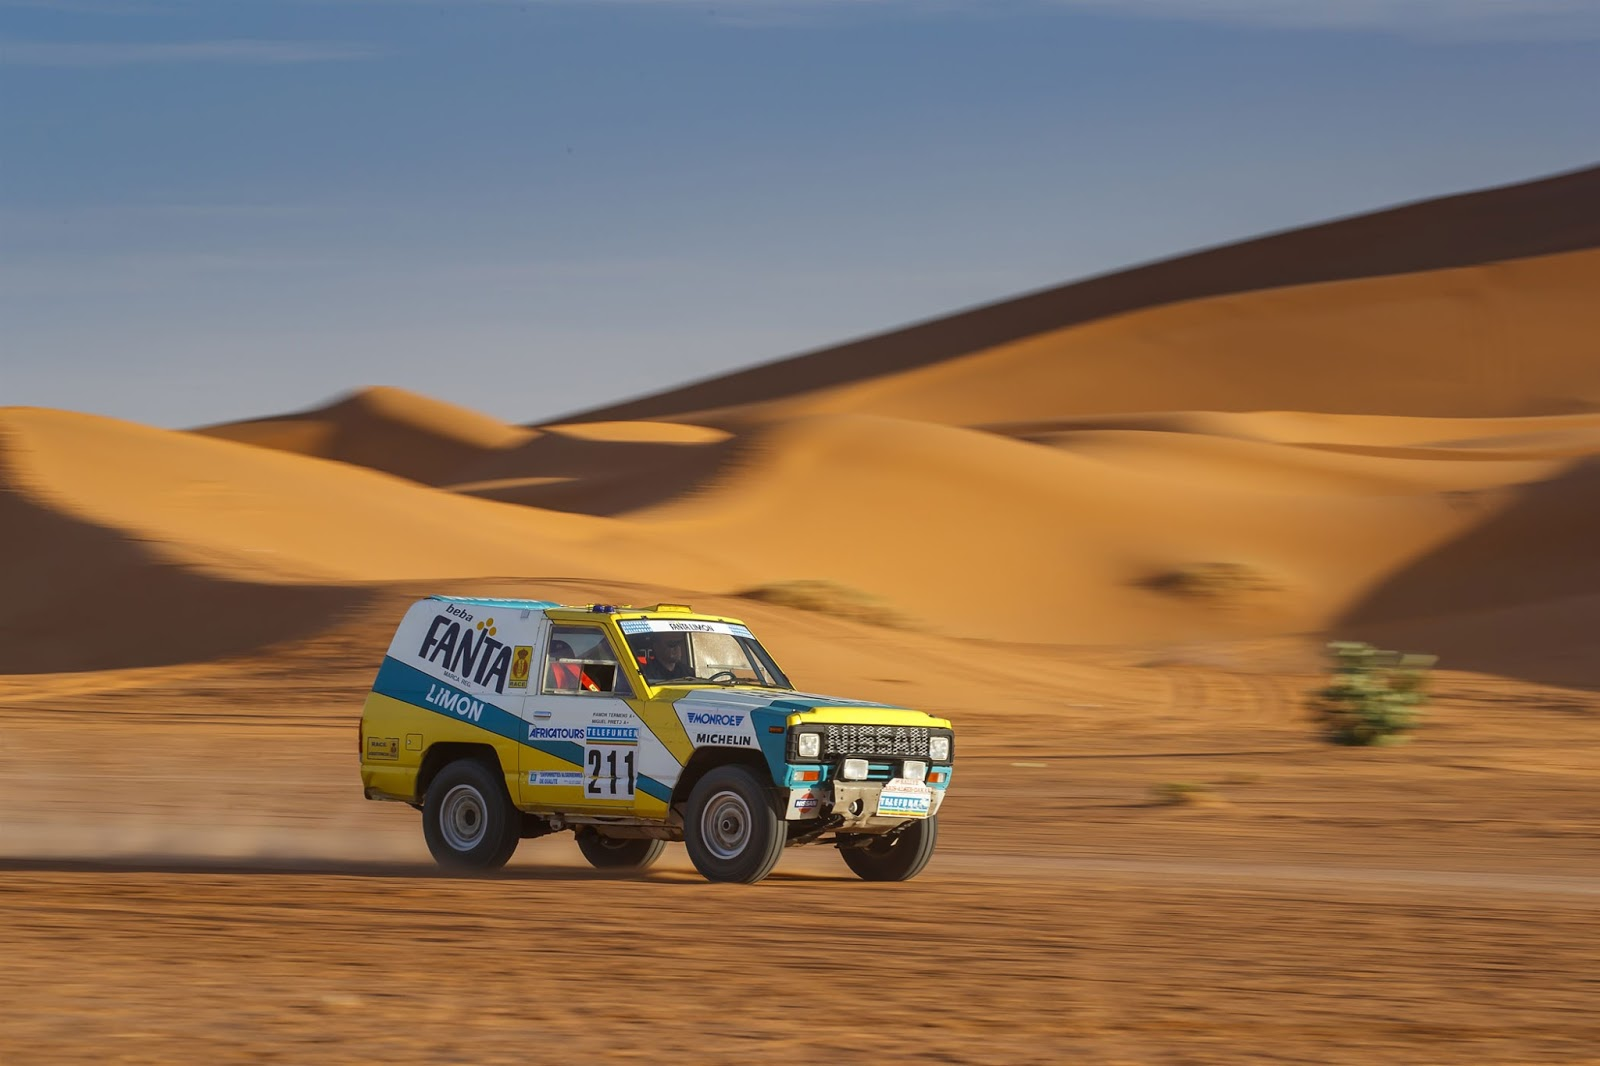 Patrol2 Η Nissan δίνει και πάλι ζωή στο θρυλικό Patrol του 1987, που έτρεξε στο rally Paris – Dakar Nissan, Nissan Patrol, Nissan Patrol Fanta Limon, Offroad, Rally Dakar, Rally Paris – Dakar, videos